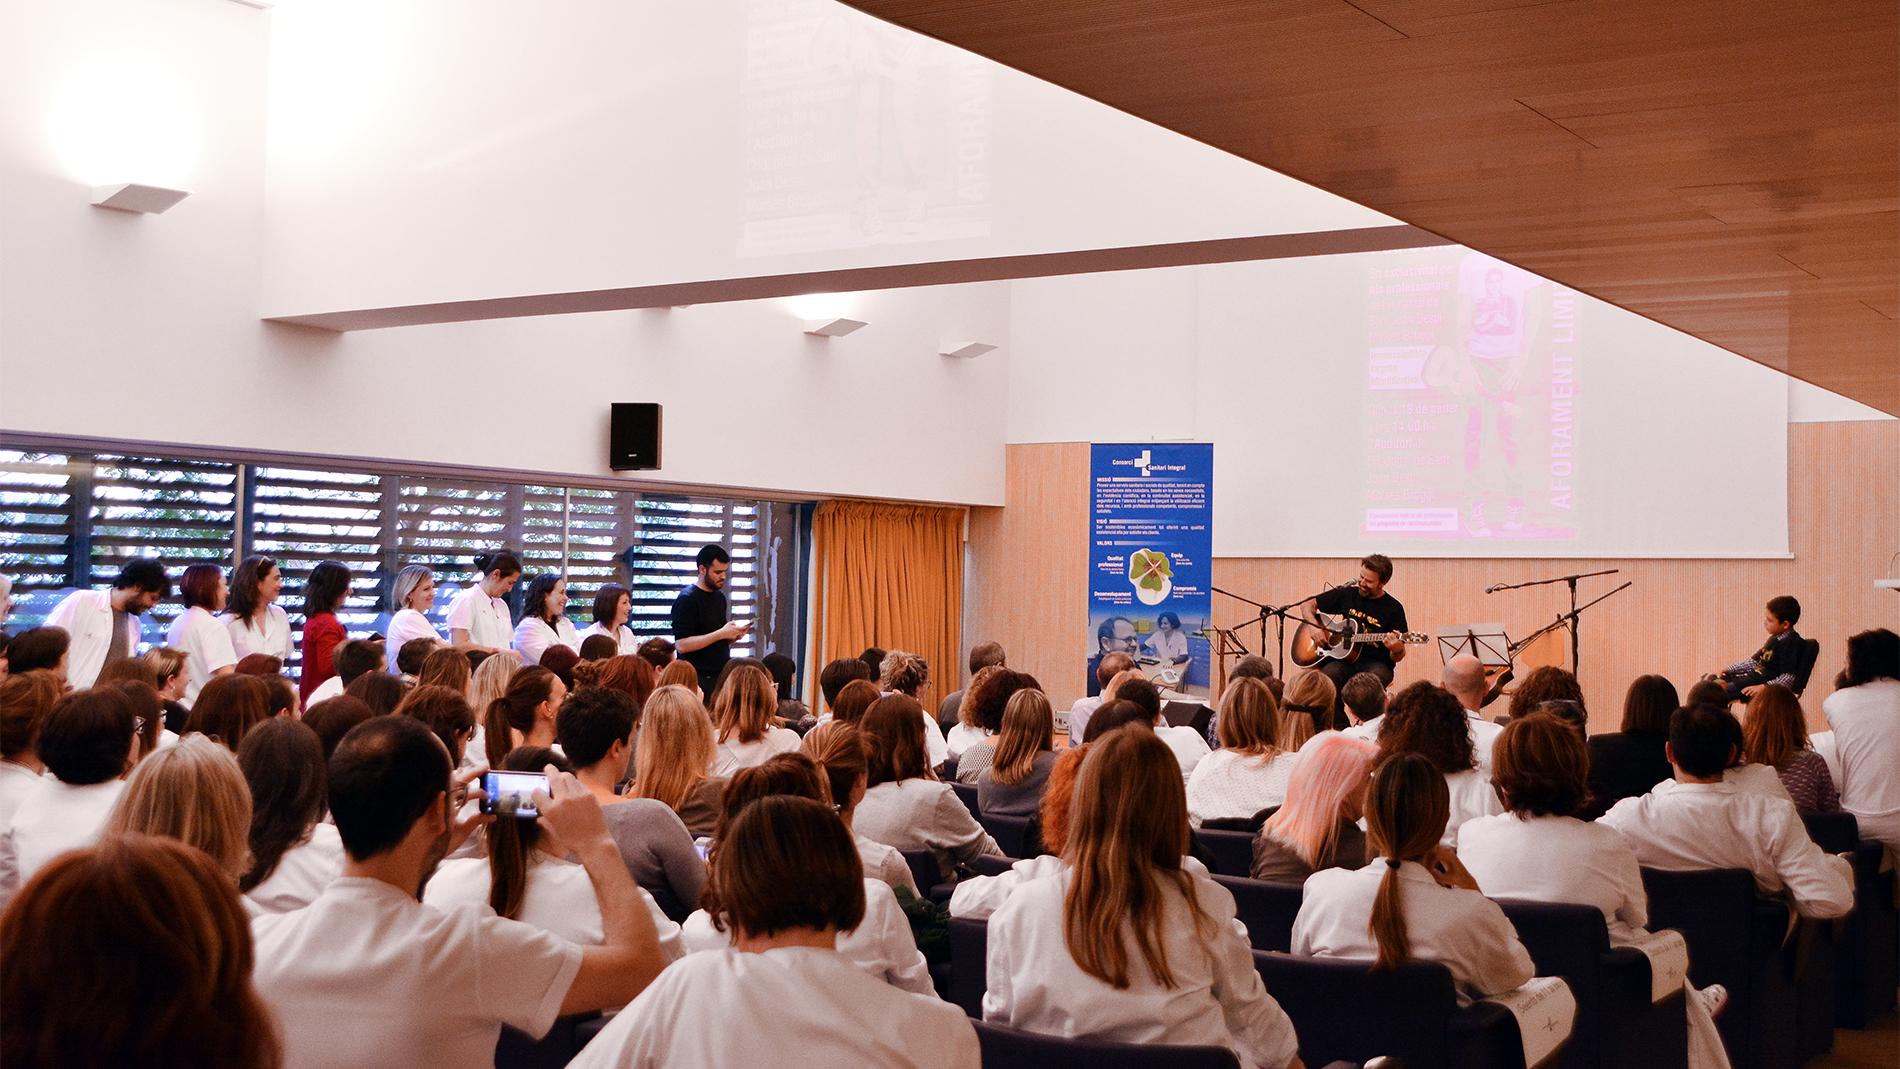 Pau Donés sorprende a las enfermeras con un concierto privado en el aniversario de su intervención